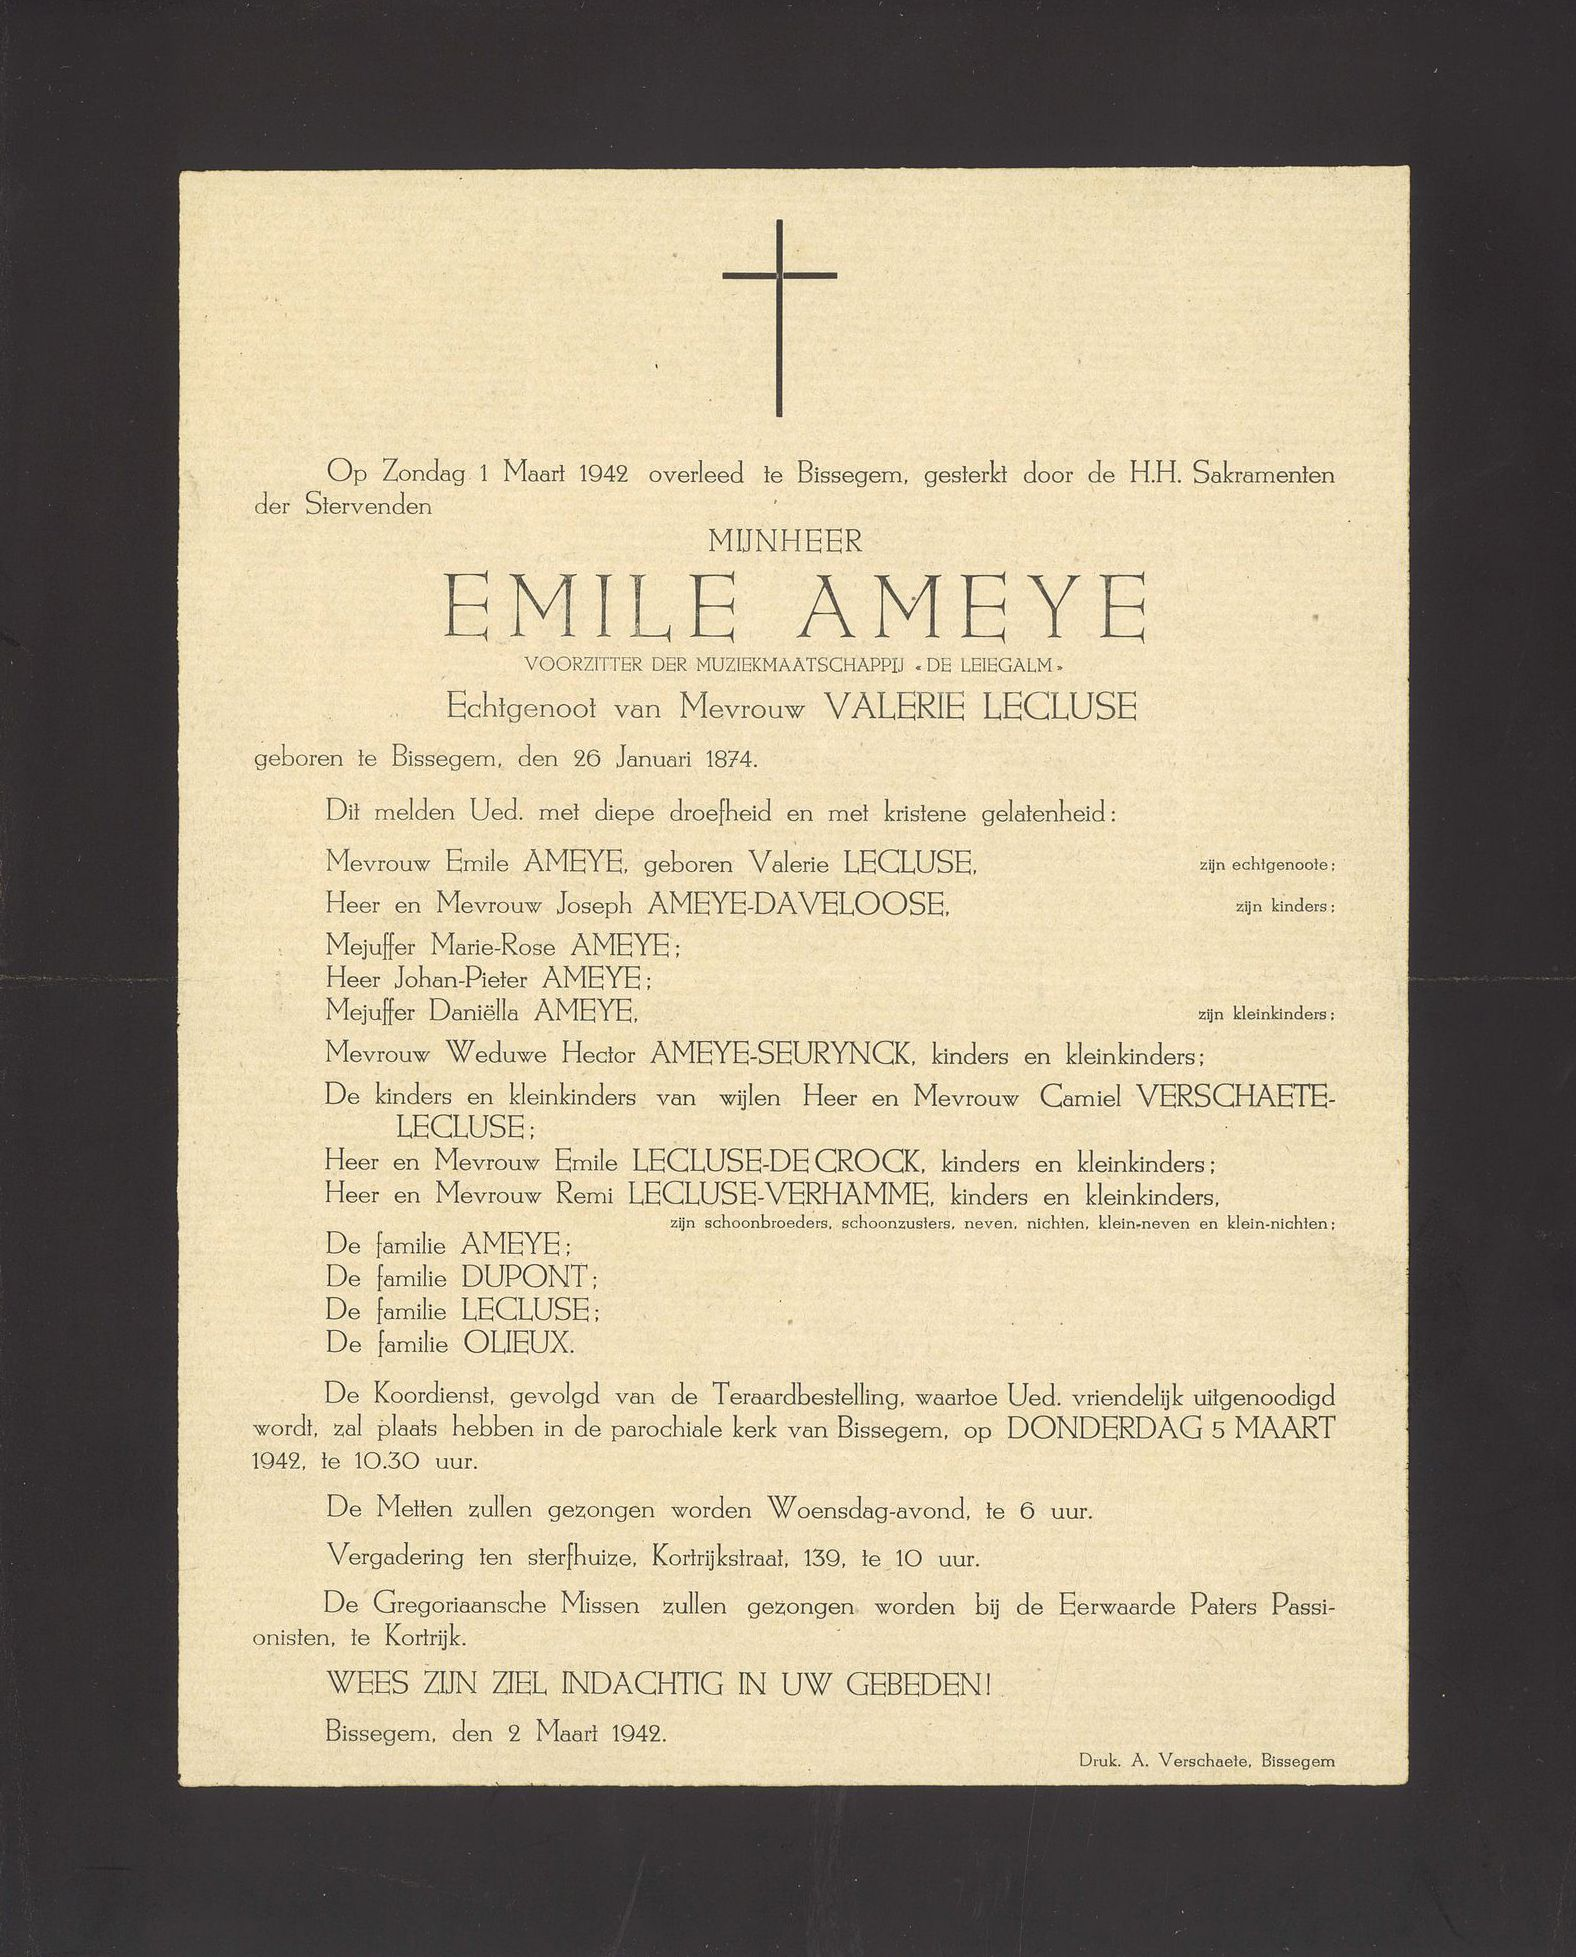 Emile Ameye